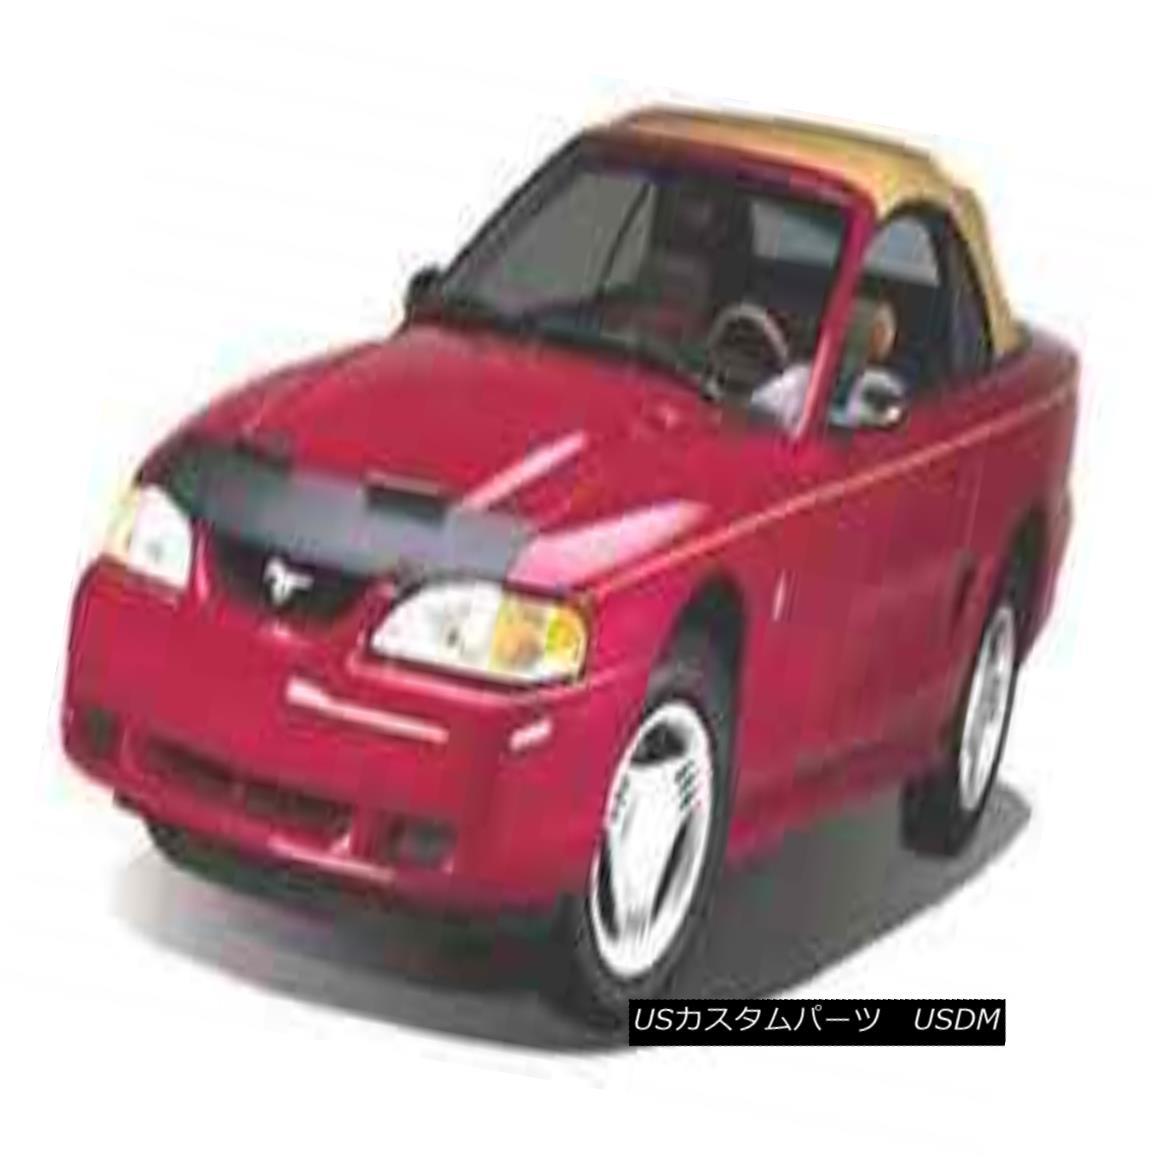 フルブラ ノーズブラ Mini Mask Bra Hood cover Fits 2007 2009 Nissan Sentra Sedan ALL ミニマスクブラジャーフードカバーフィット2007年2009 Nissan Sentra Sedan ALL